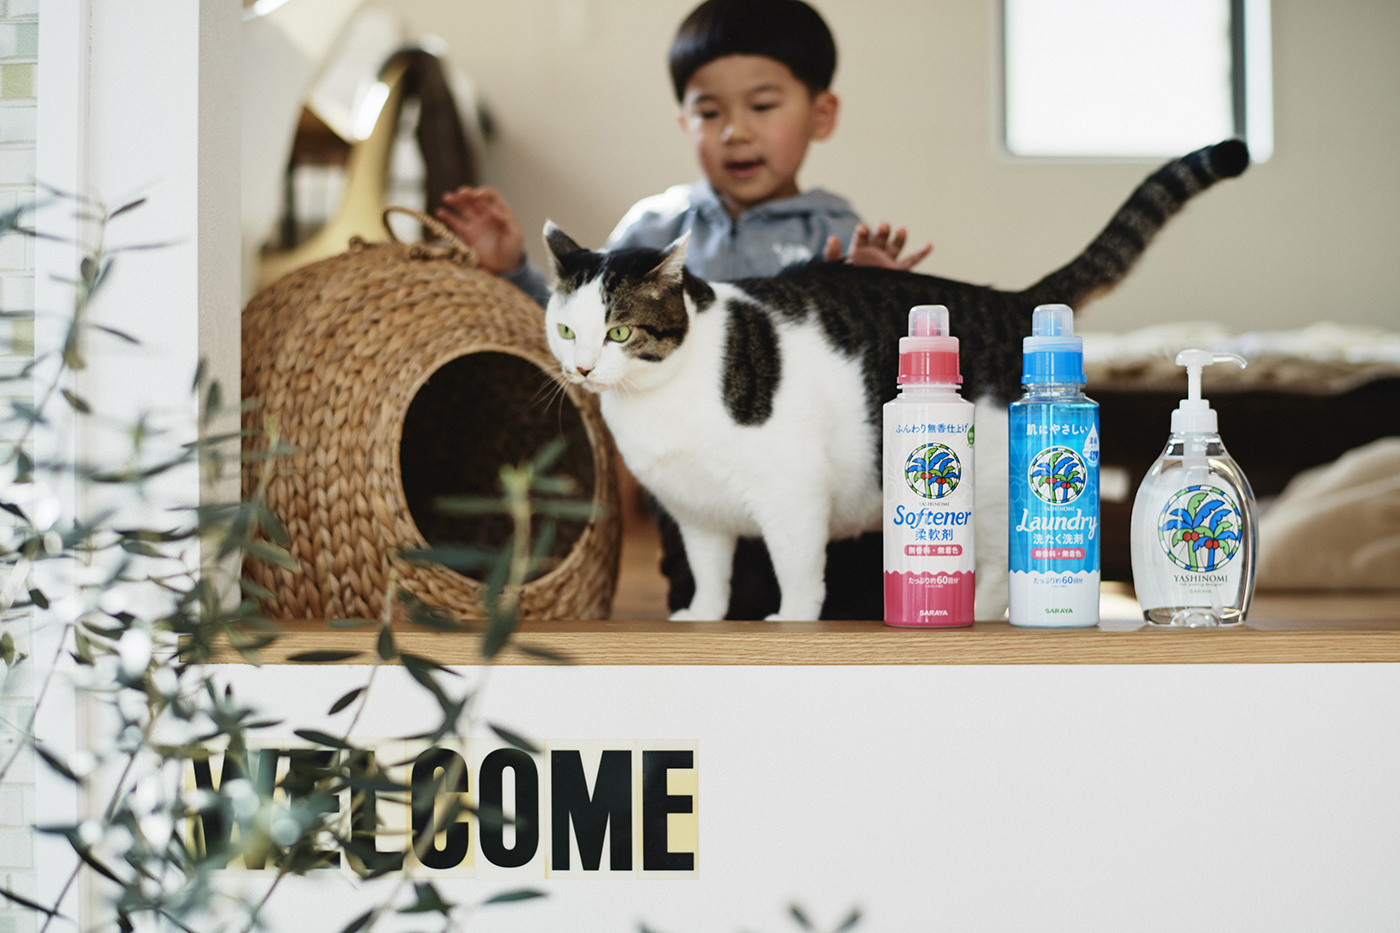 猫との写真を撮り続けることで、息子の成長を見守る #27 鈴木賢一さん